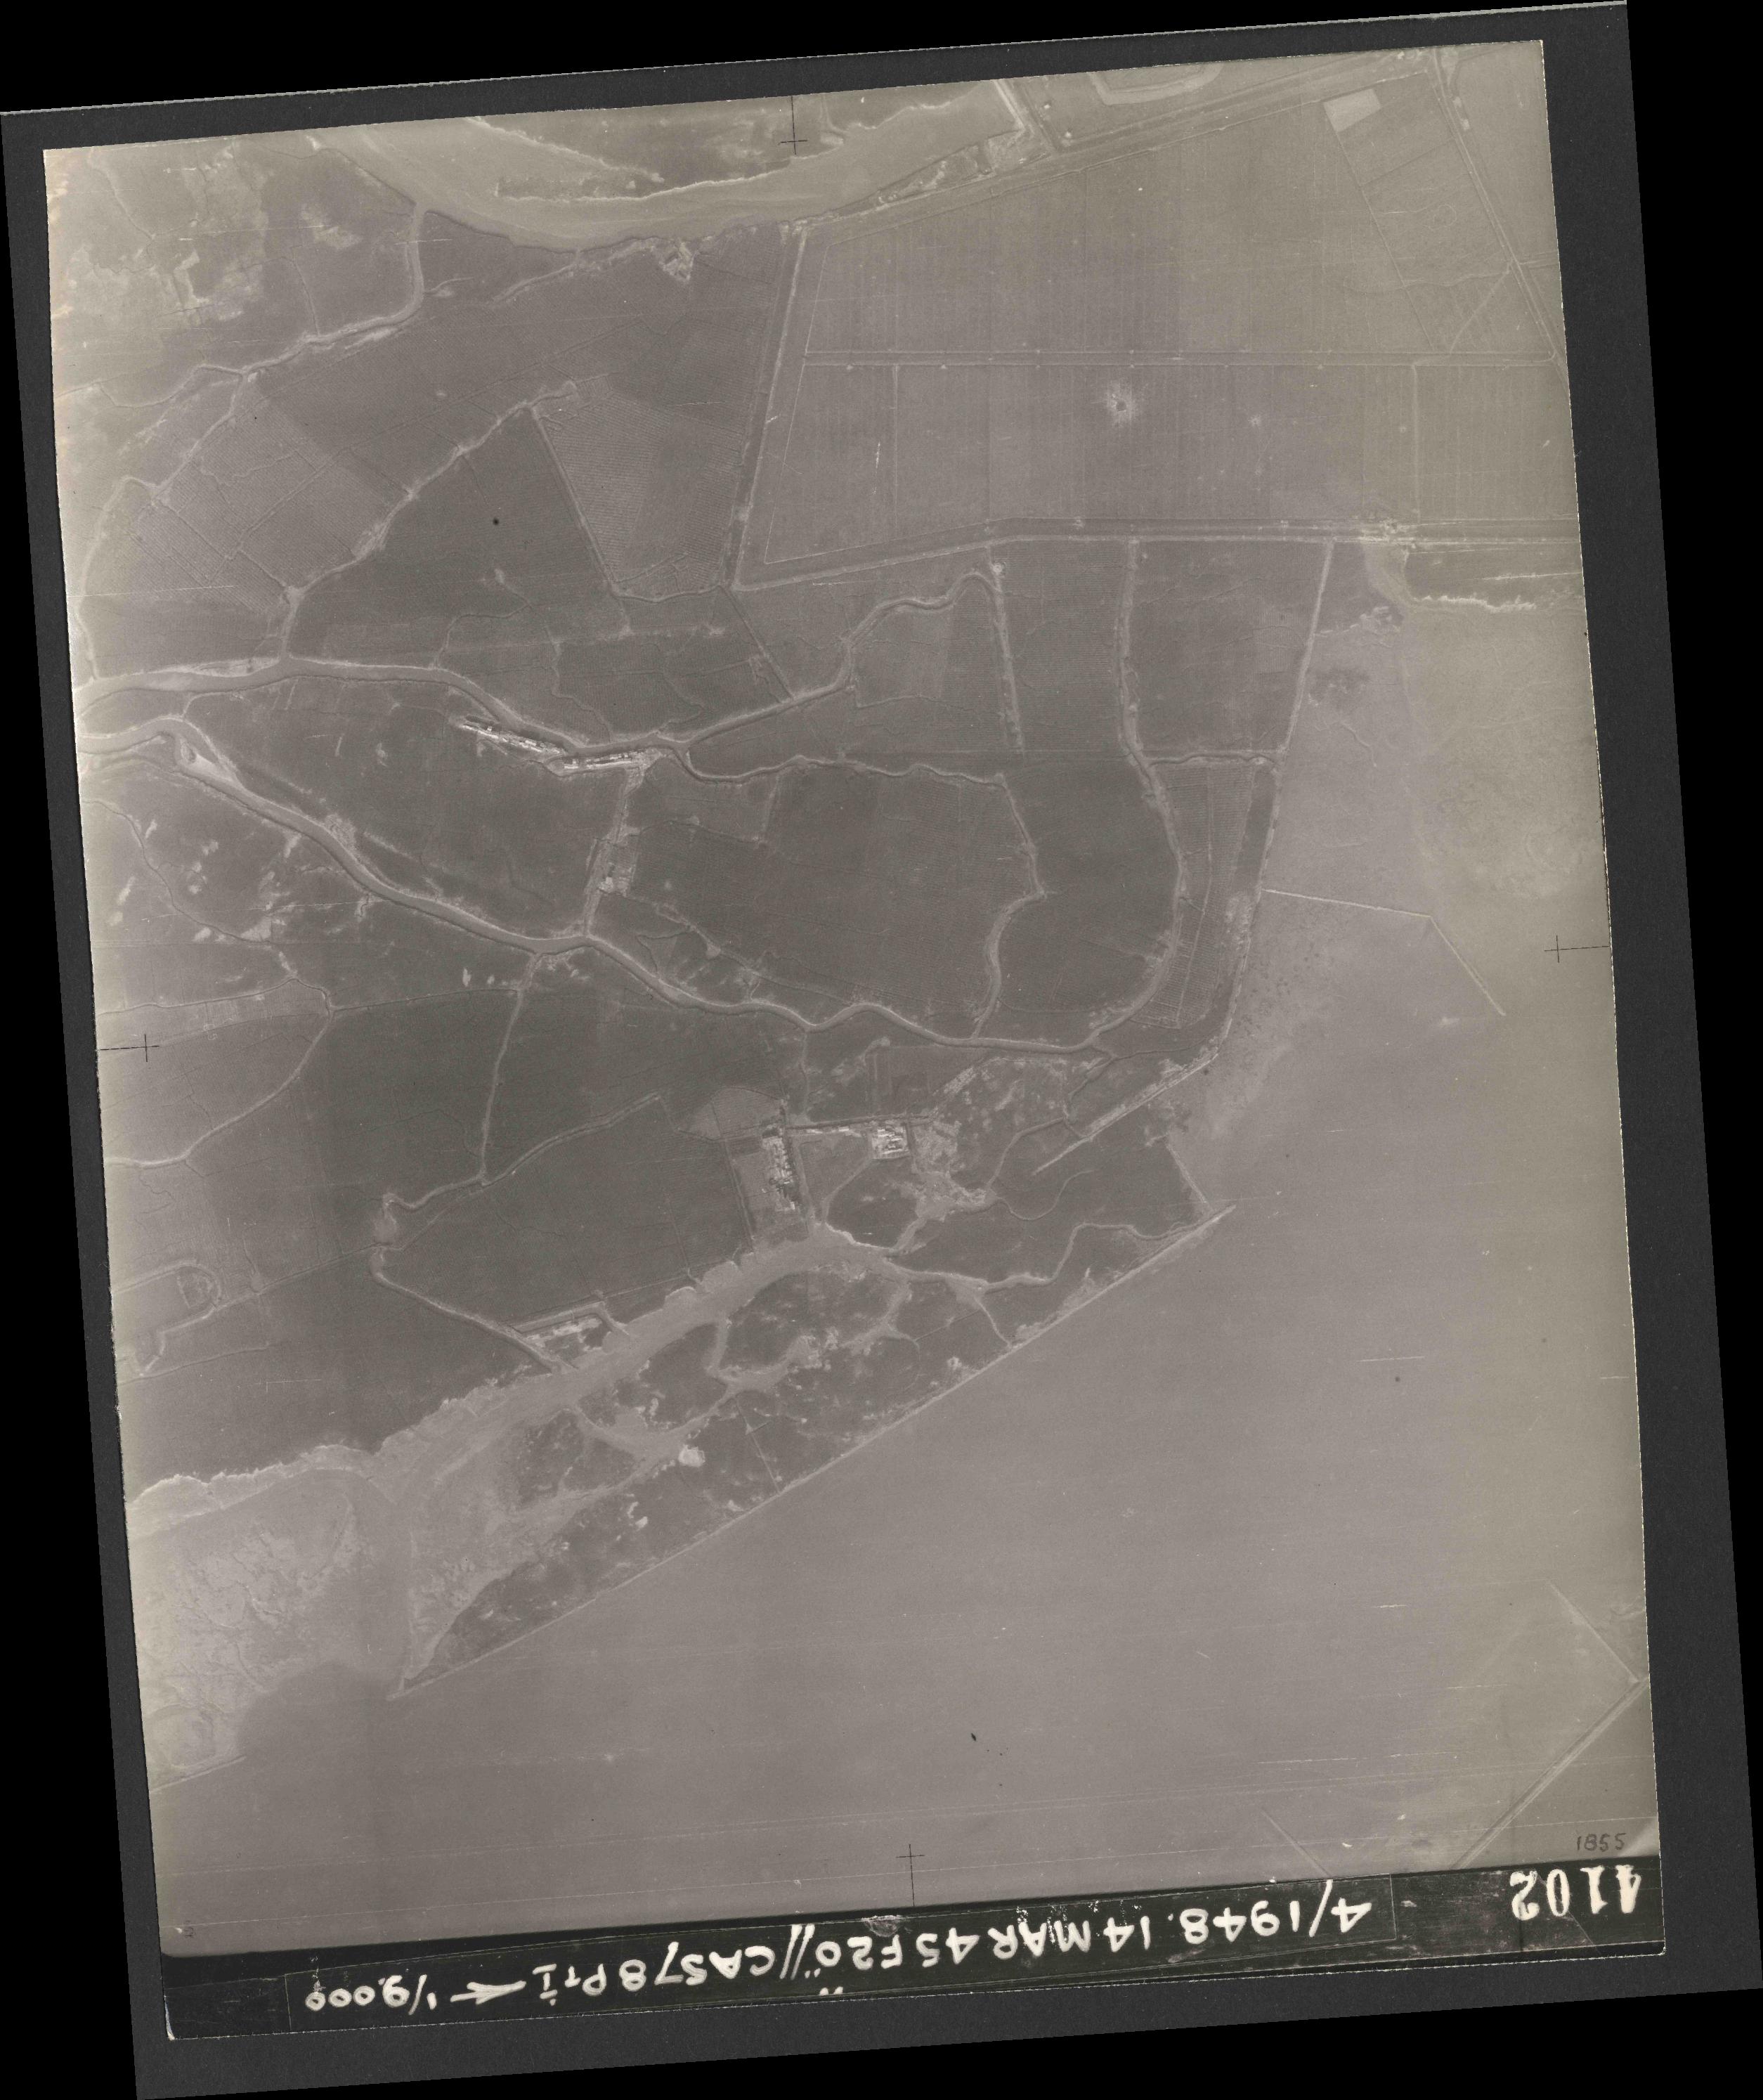 Collection RAF aerial photos 1940-1945 - flight 095, run 06, photo 4102